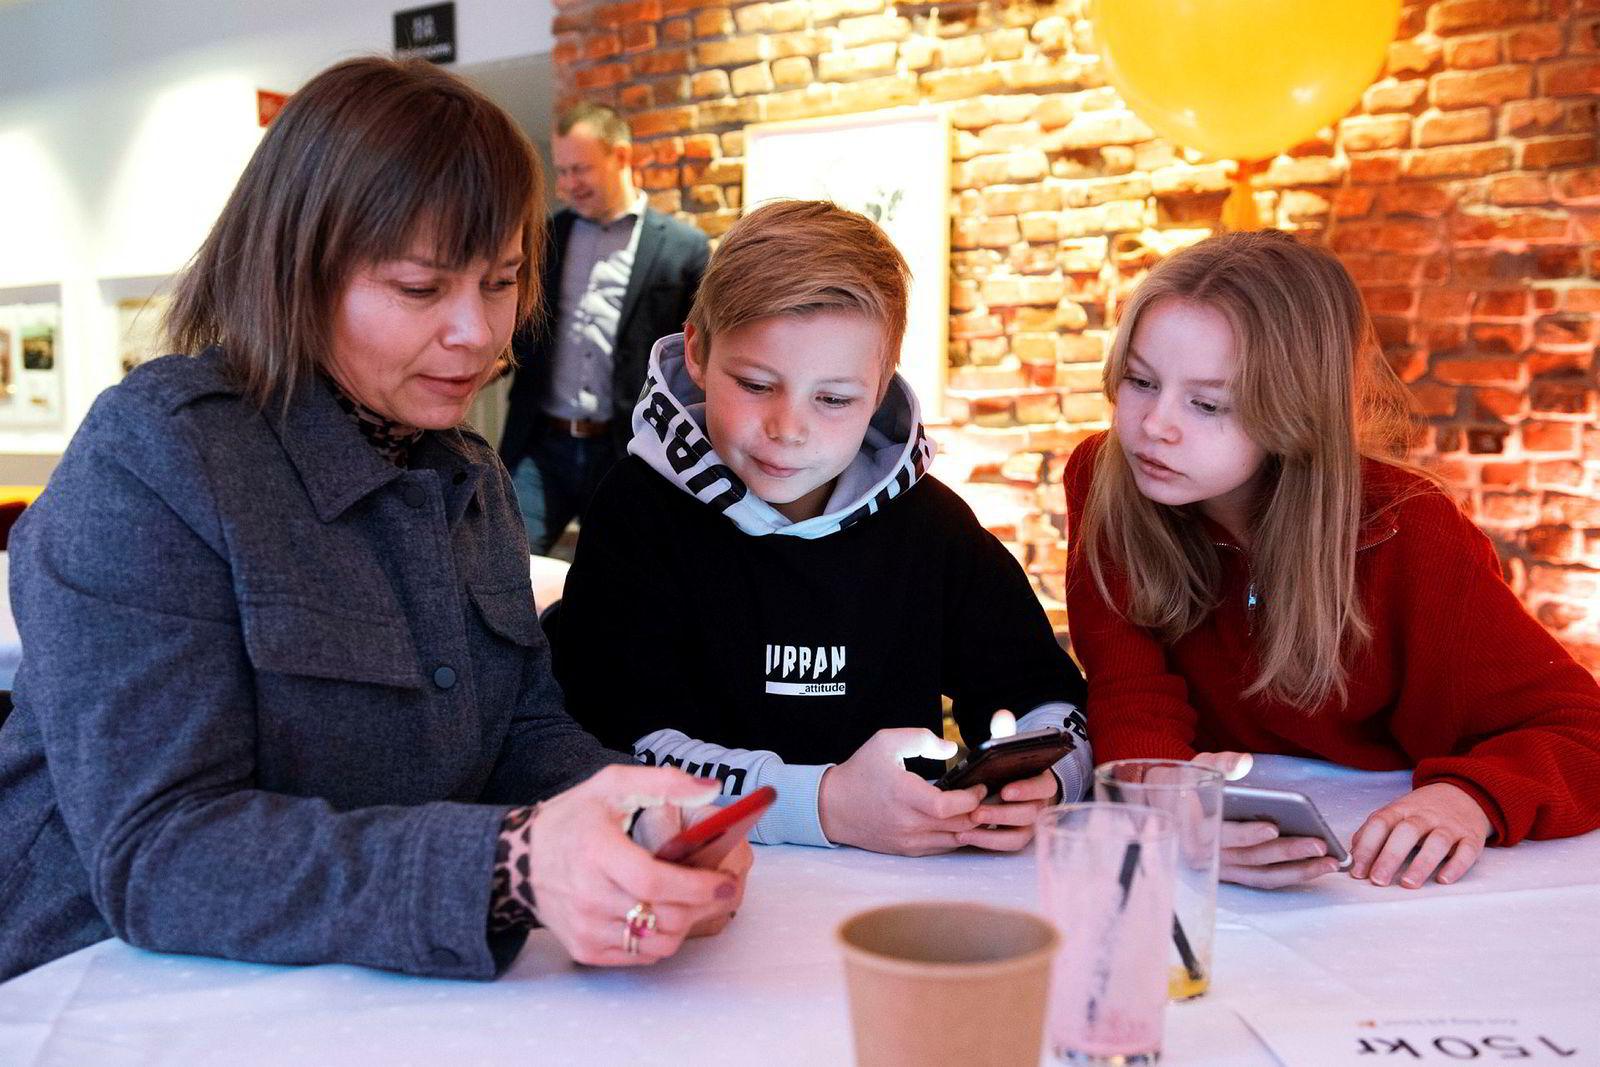 Ingebjørg Øra sammen med sin datter Lila Pauline Fageraas (13år) og sønn Leonard Fageraas (11år) har testet ut Vipps de siste ukene. De har vært nummer en og to som har fått Vipps for de under 15 år.